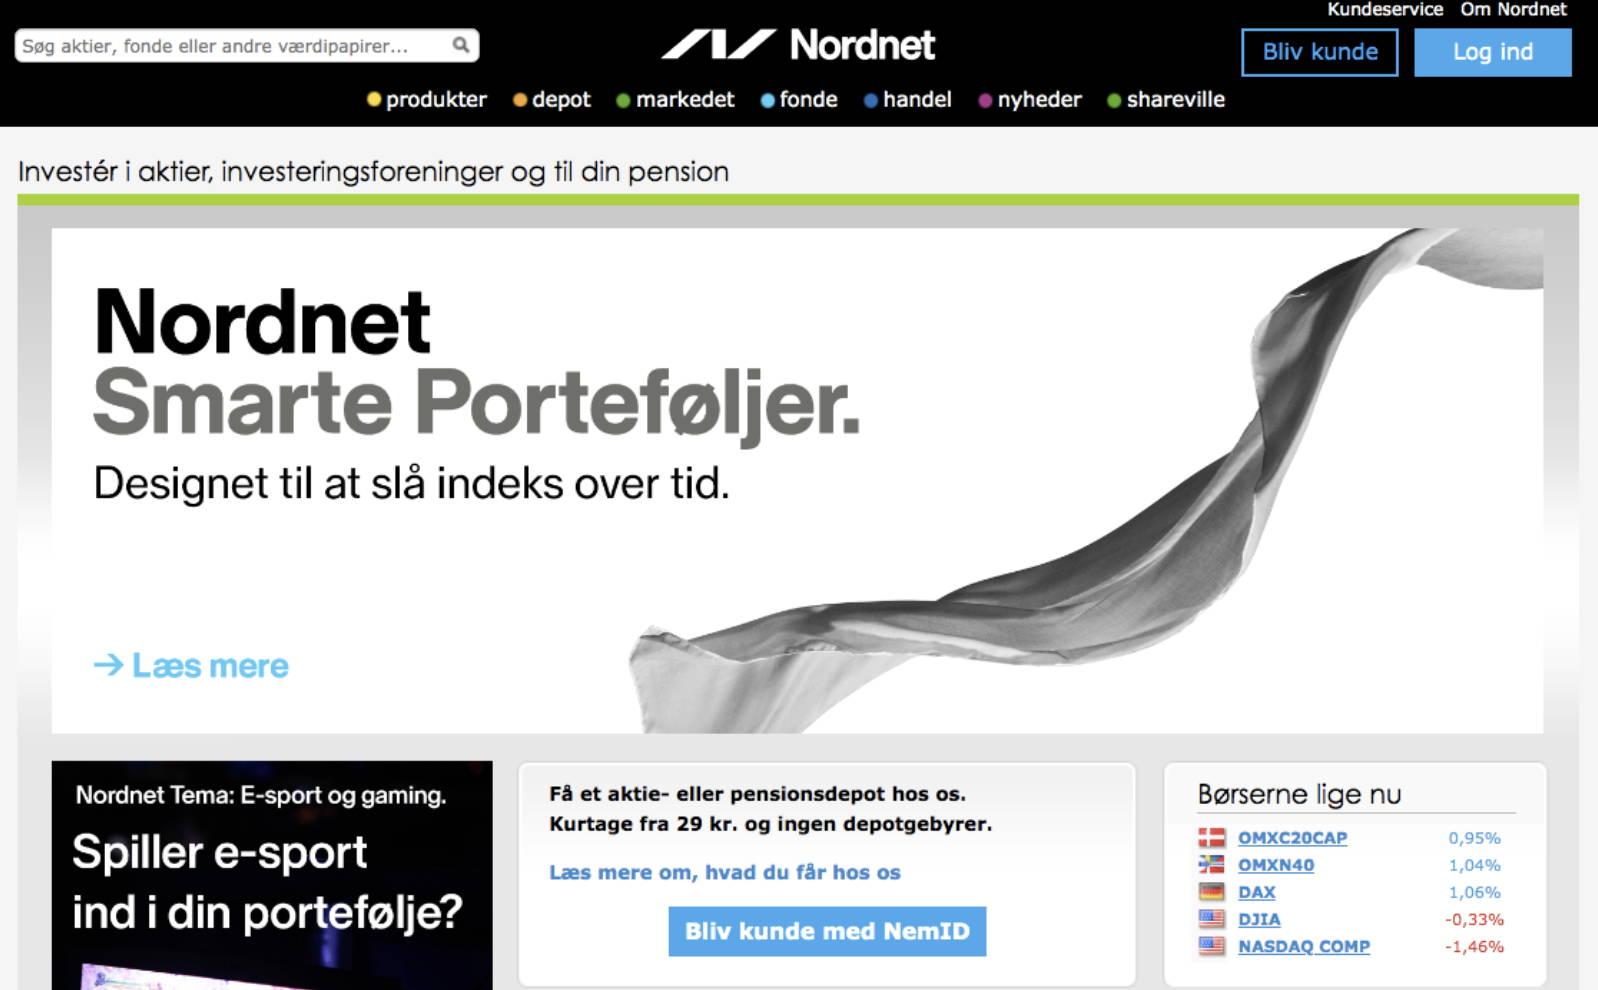 Nordnets hjemmeside hvor begyndere let kan handle med aktier